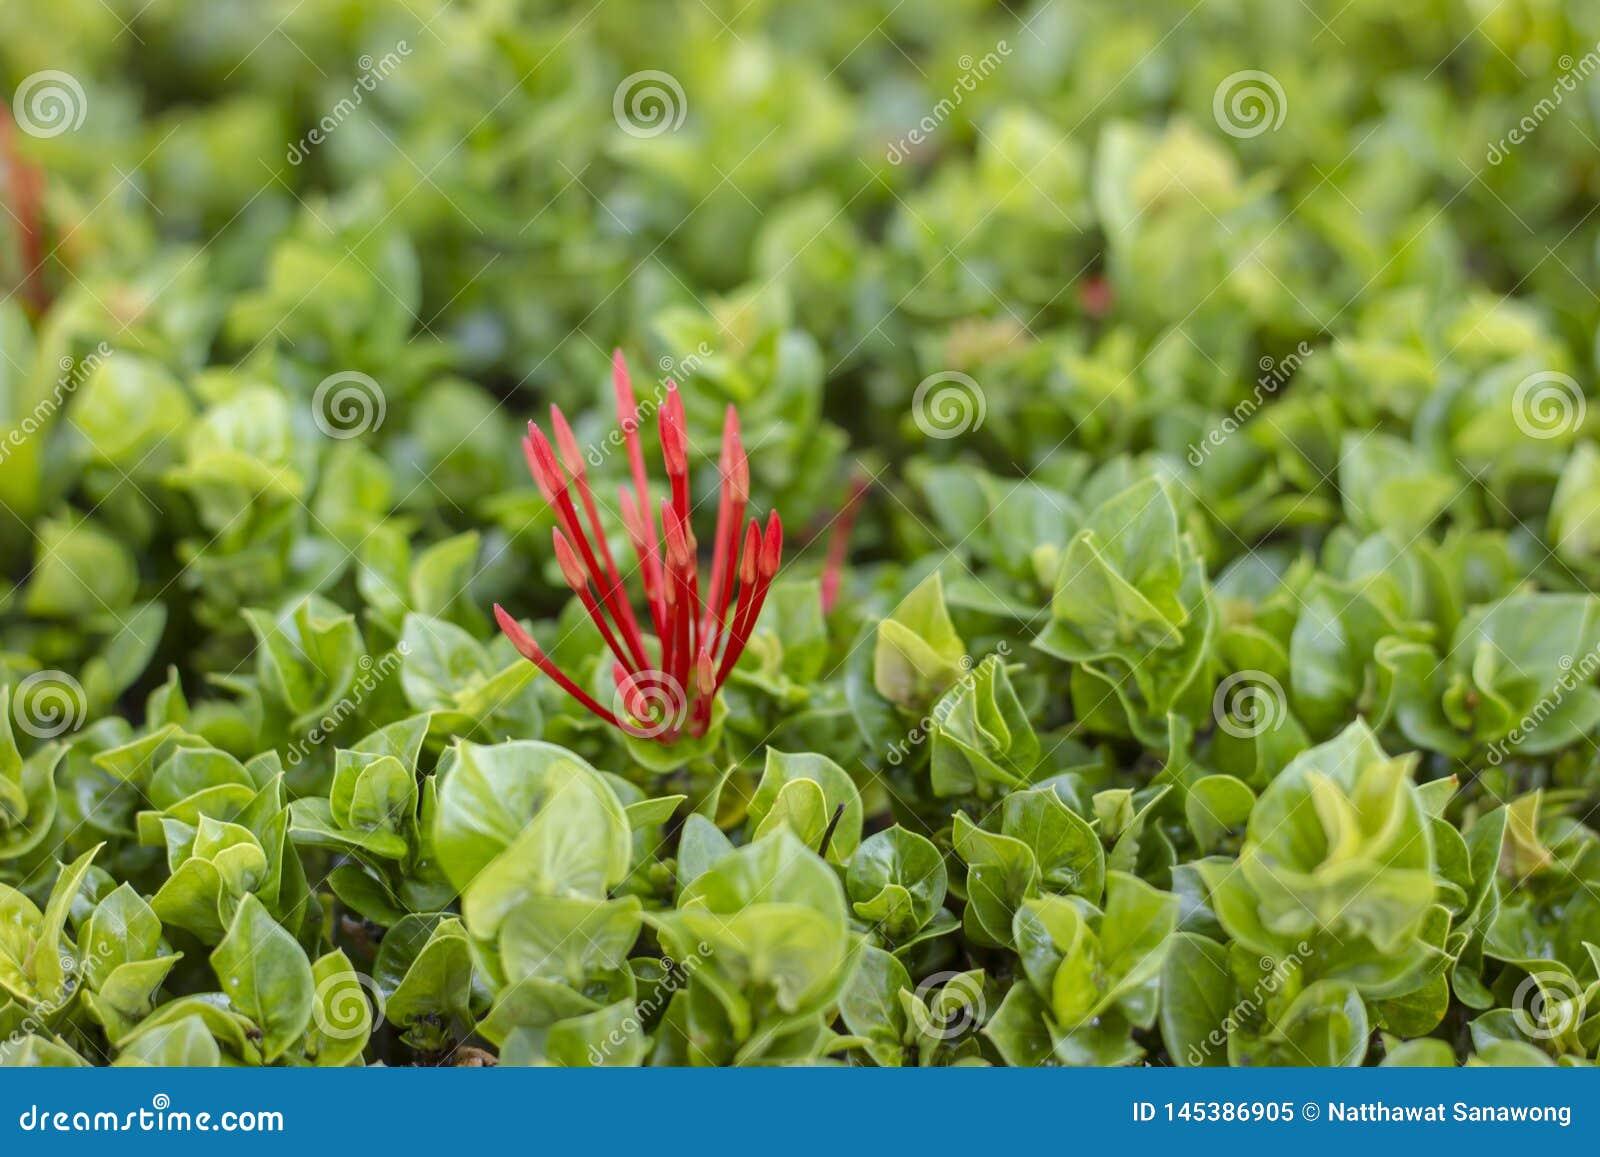 Los pétalos de la flor del punto son un manojo de hojas rojas y verdes adornadas con las casas y jardines en Tailandia